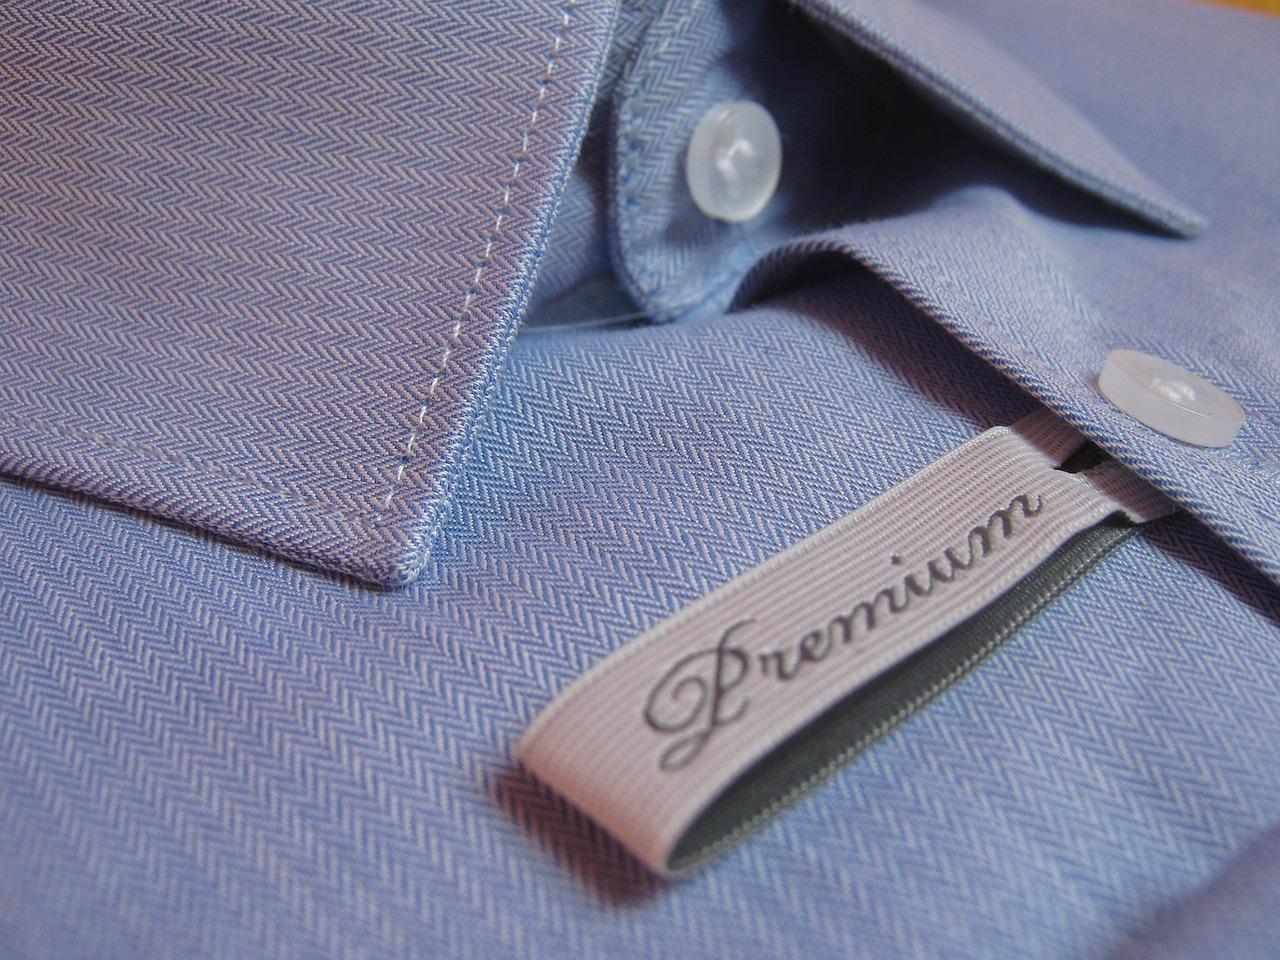 new styles 56bce 8ea9c Ingram: camicie industriali e di qualità, un binomio ...